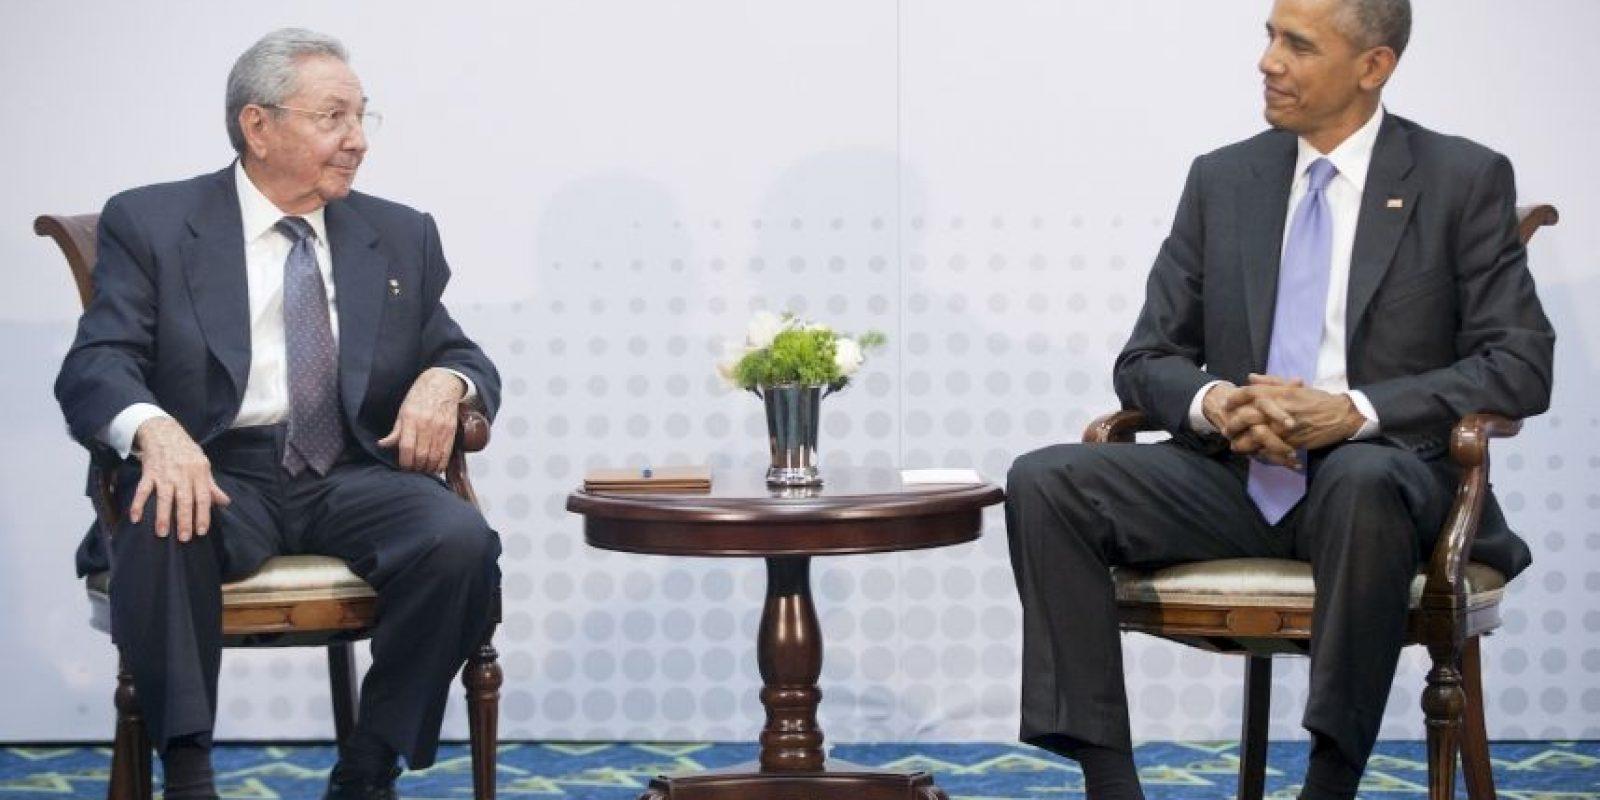 Las relaciones entre ambos países estuvieron interrumpidas por más de 50 años. Foto:AP